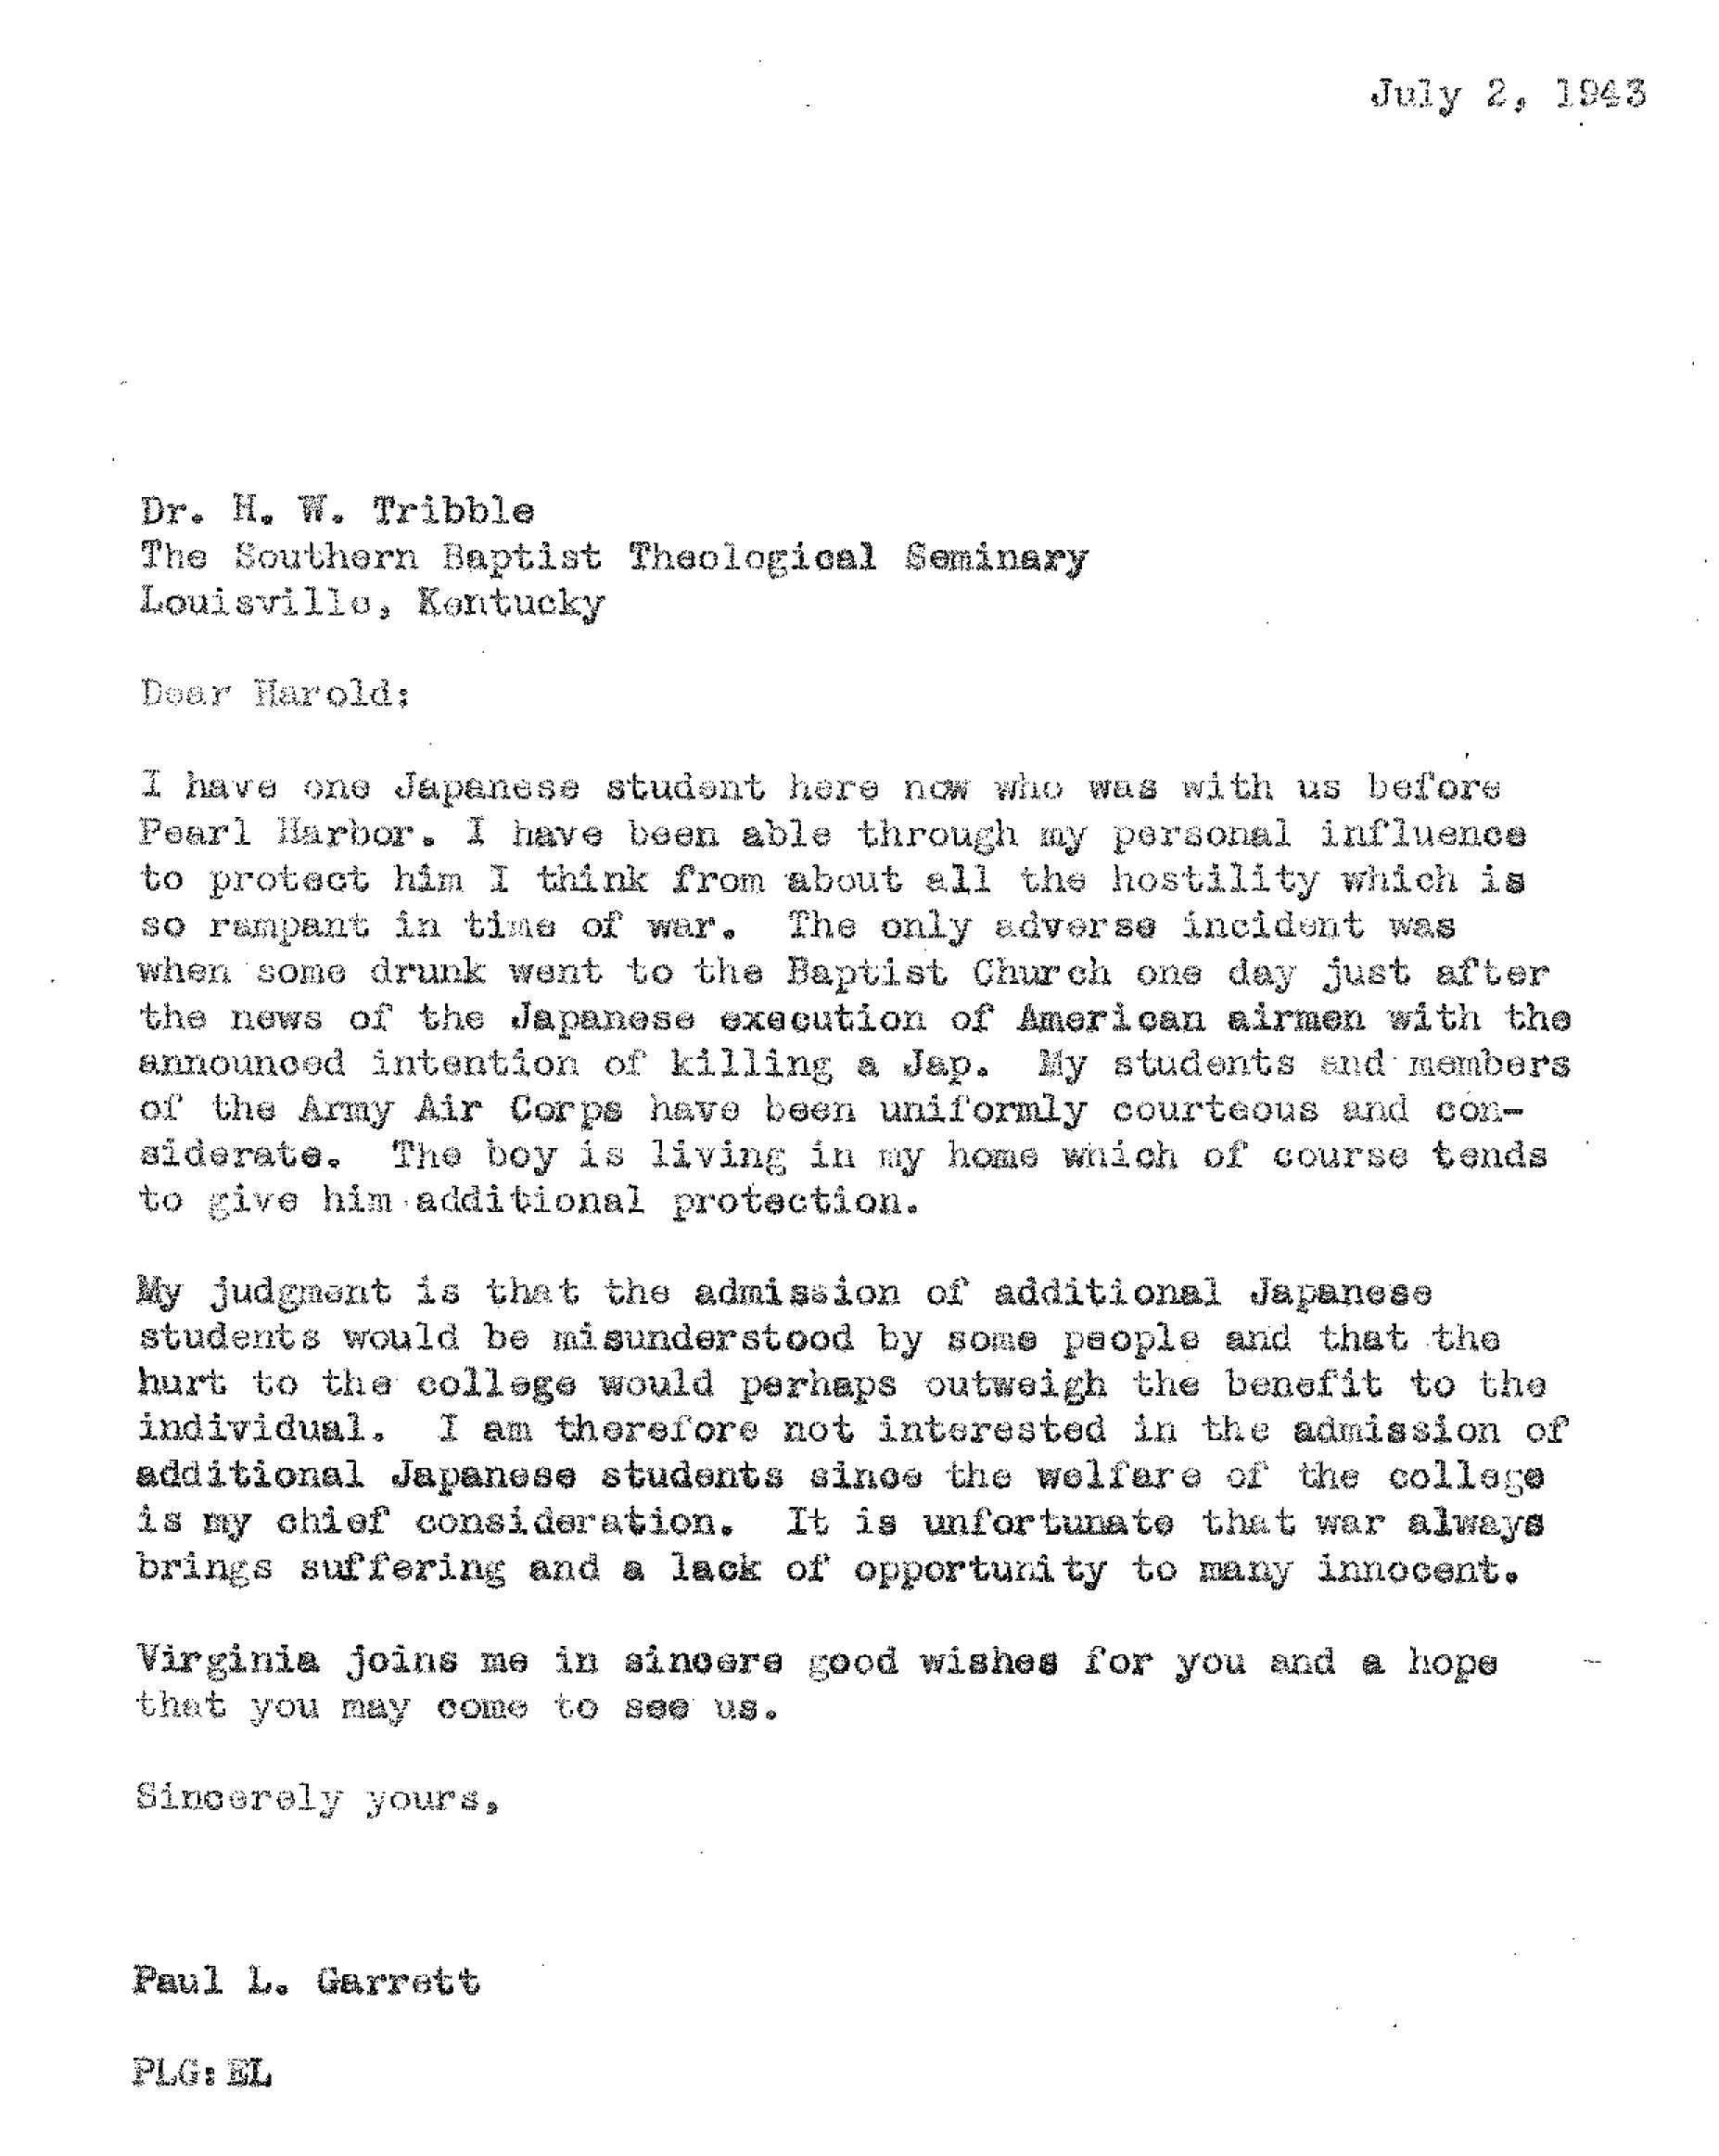 Tribble-Garrett Letter